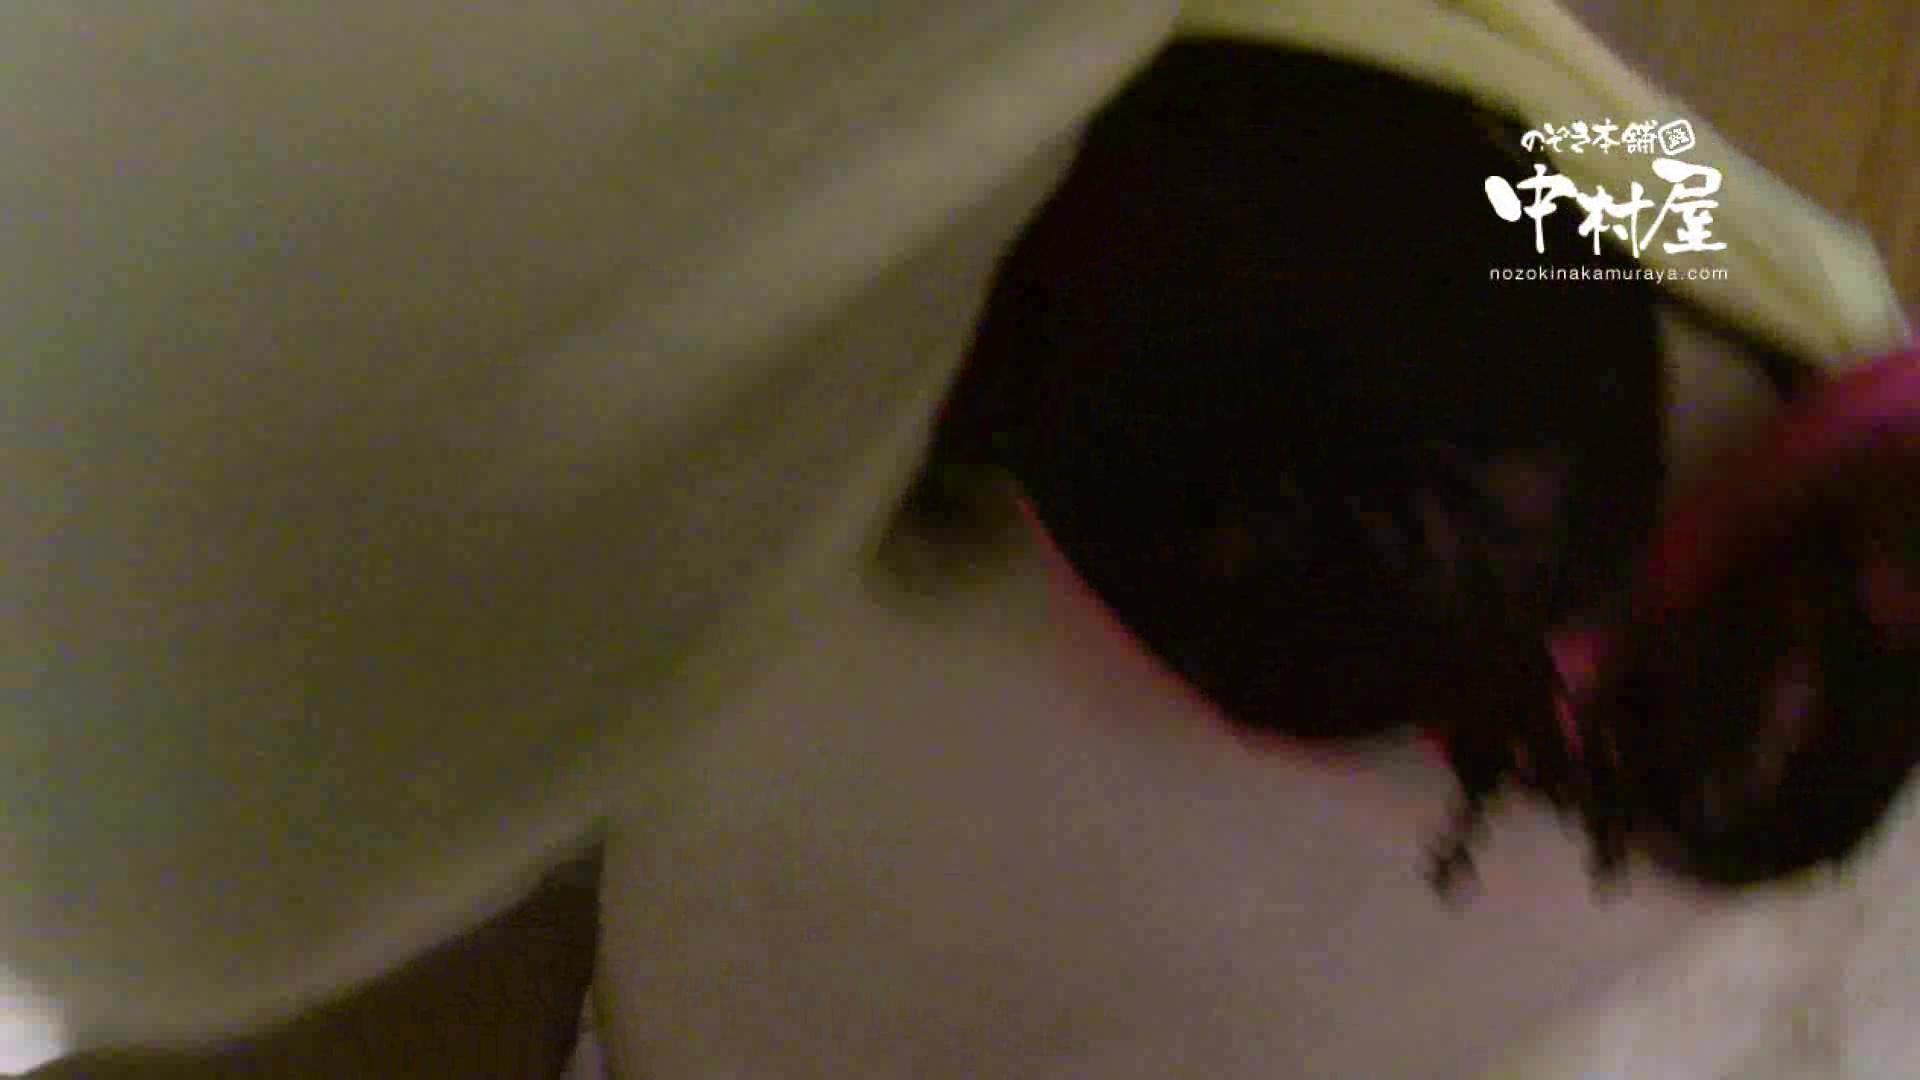 鬼畜 vol.17 中に出さないでください(アニメ声で懇願) 後編 鬼畜  76Pix 33